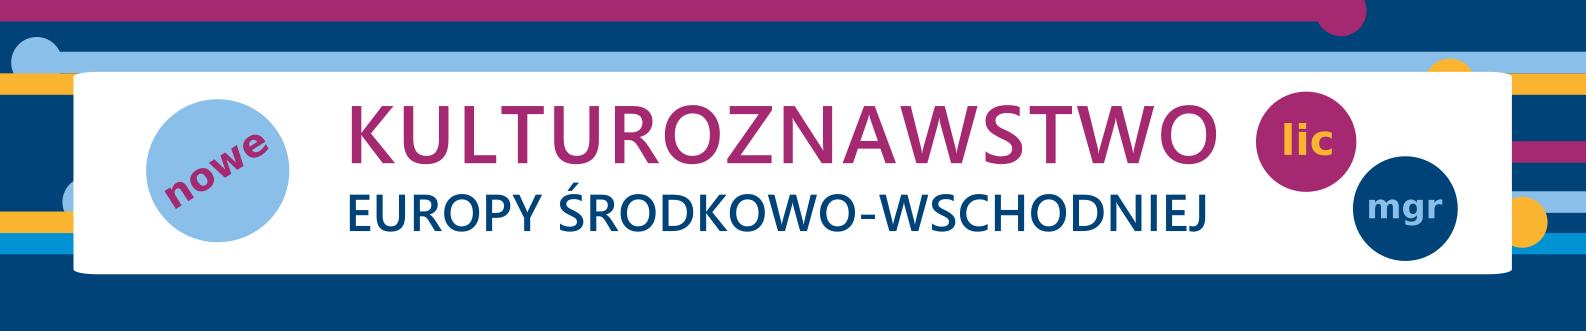 Poznaj kulturoznawstwo Europy Środkowo-Wschodniej!